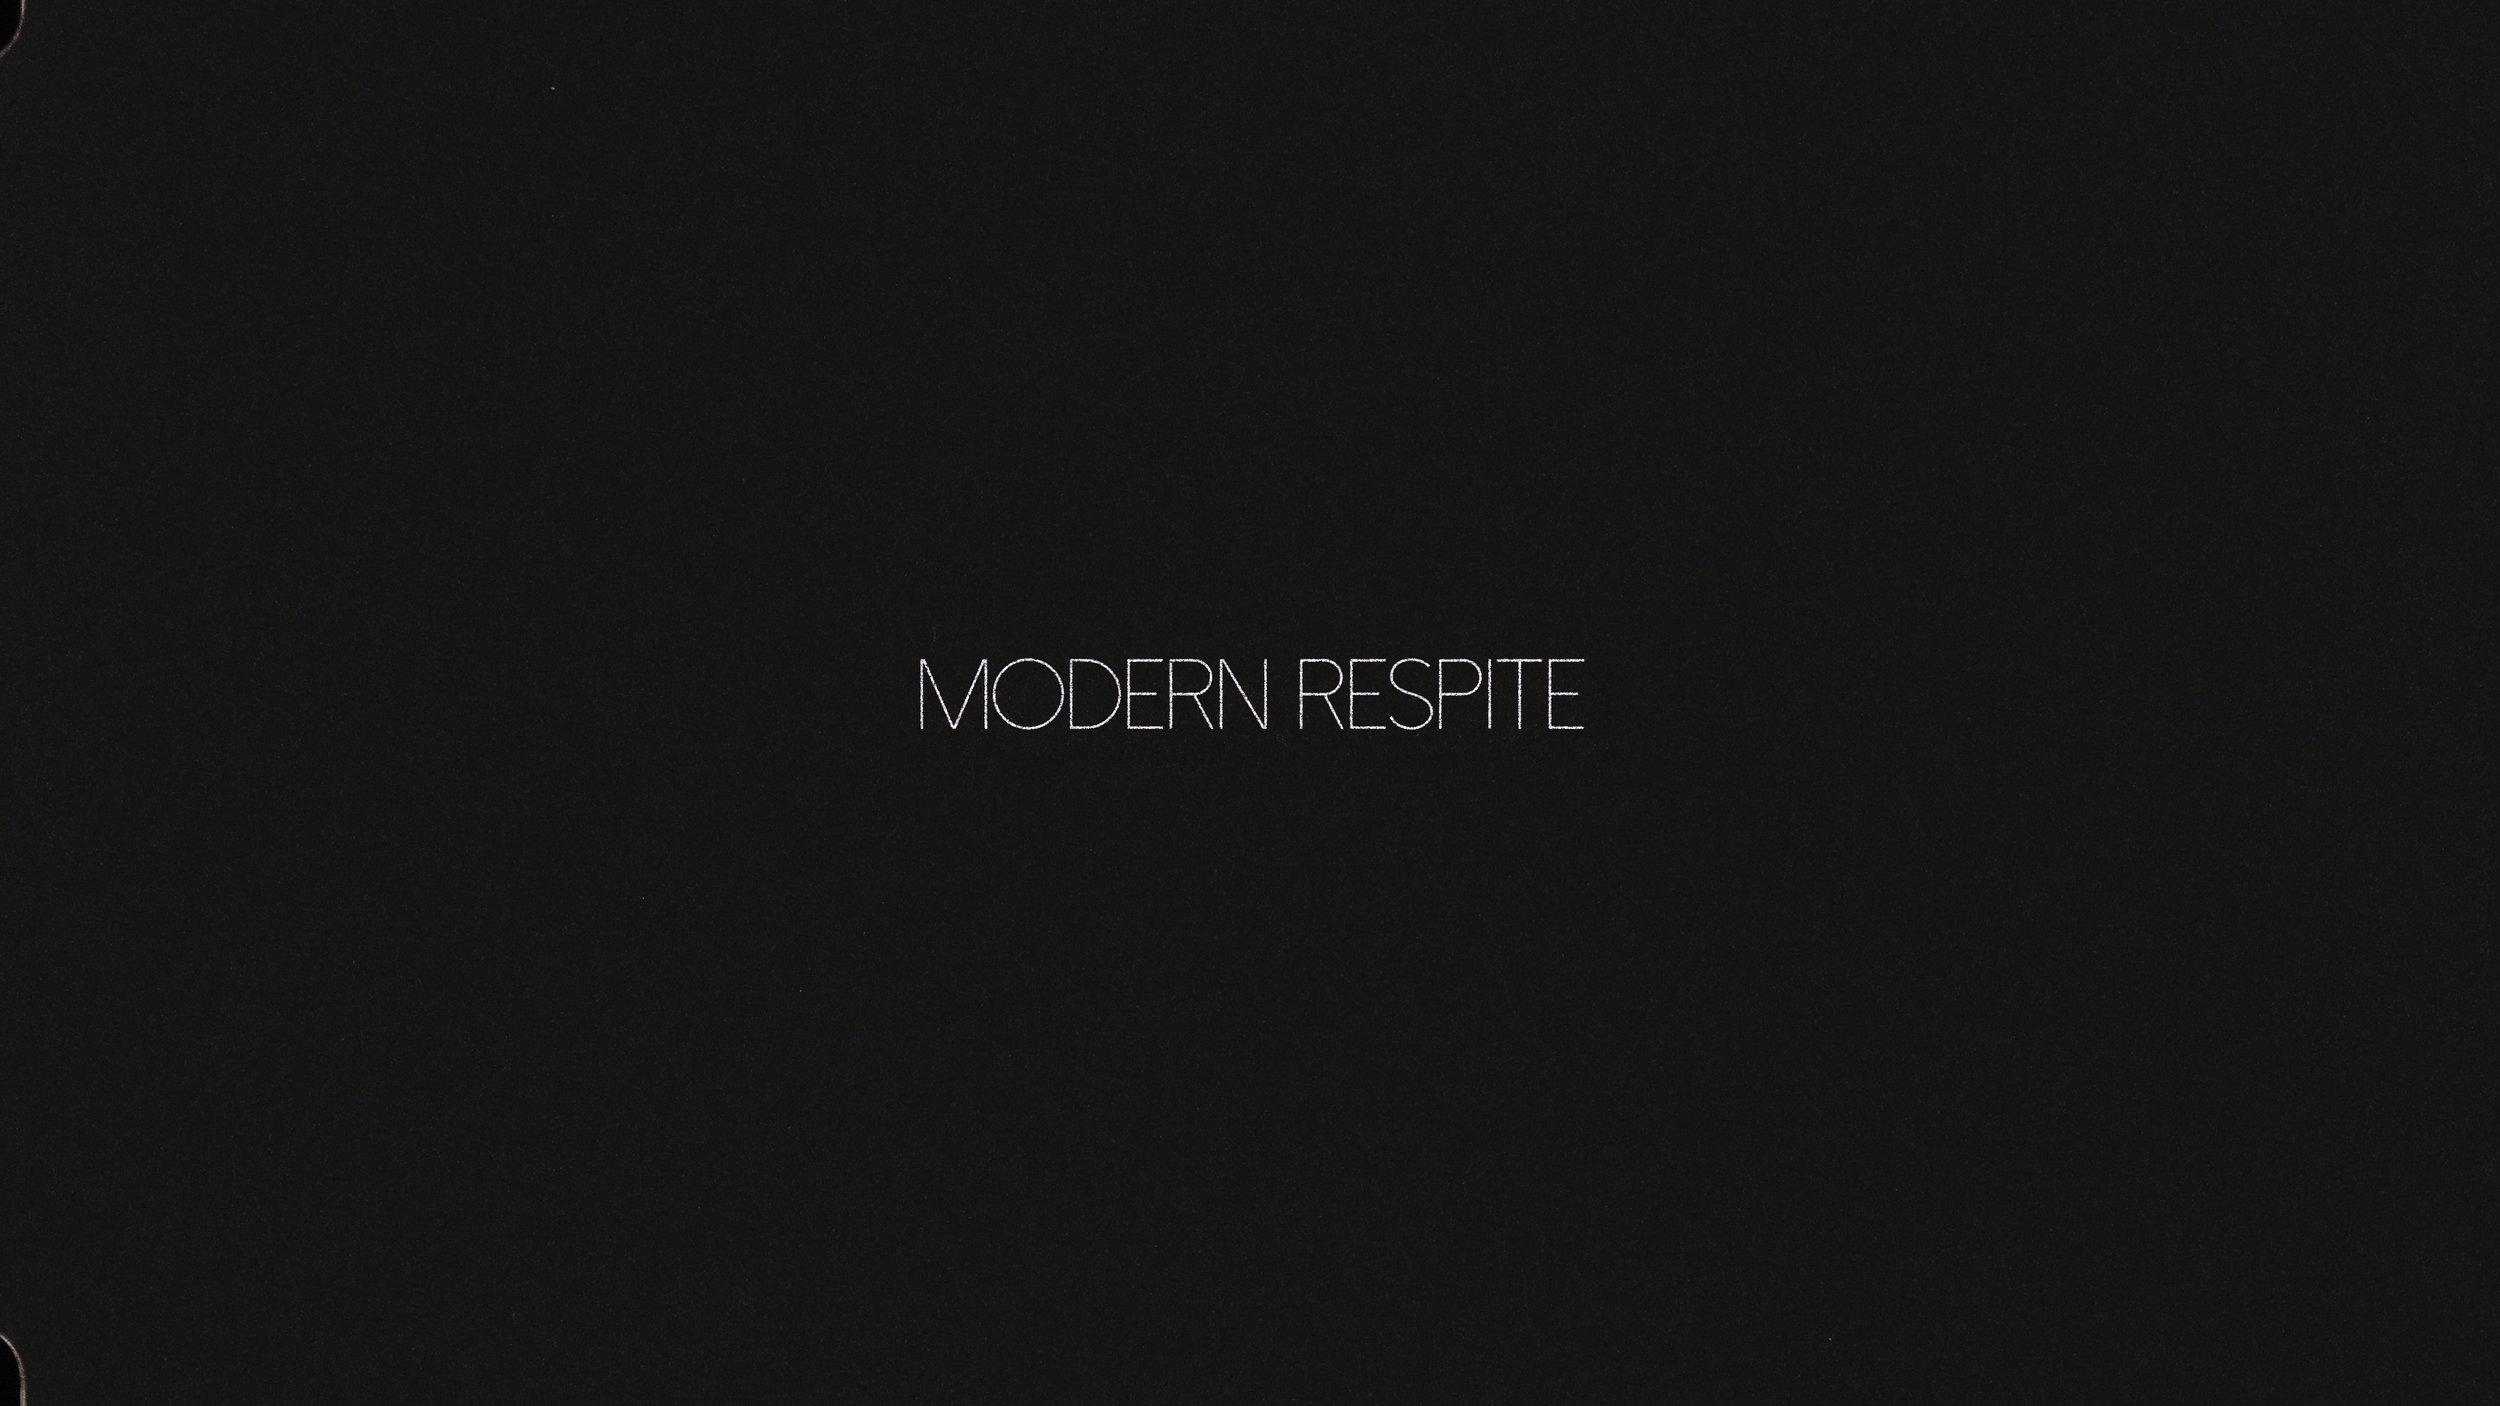 2019_ModernRespite_FrameGrabs_Part1 (20 of 20).jpg